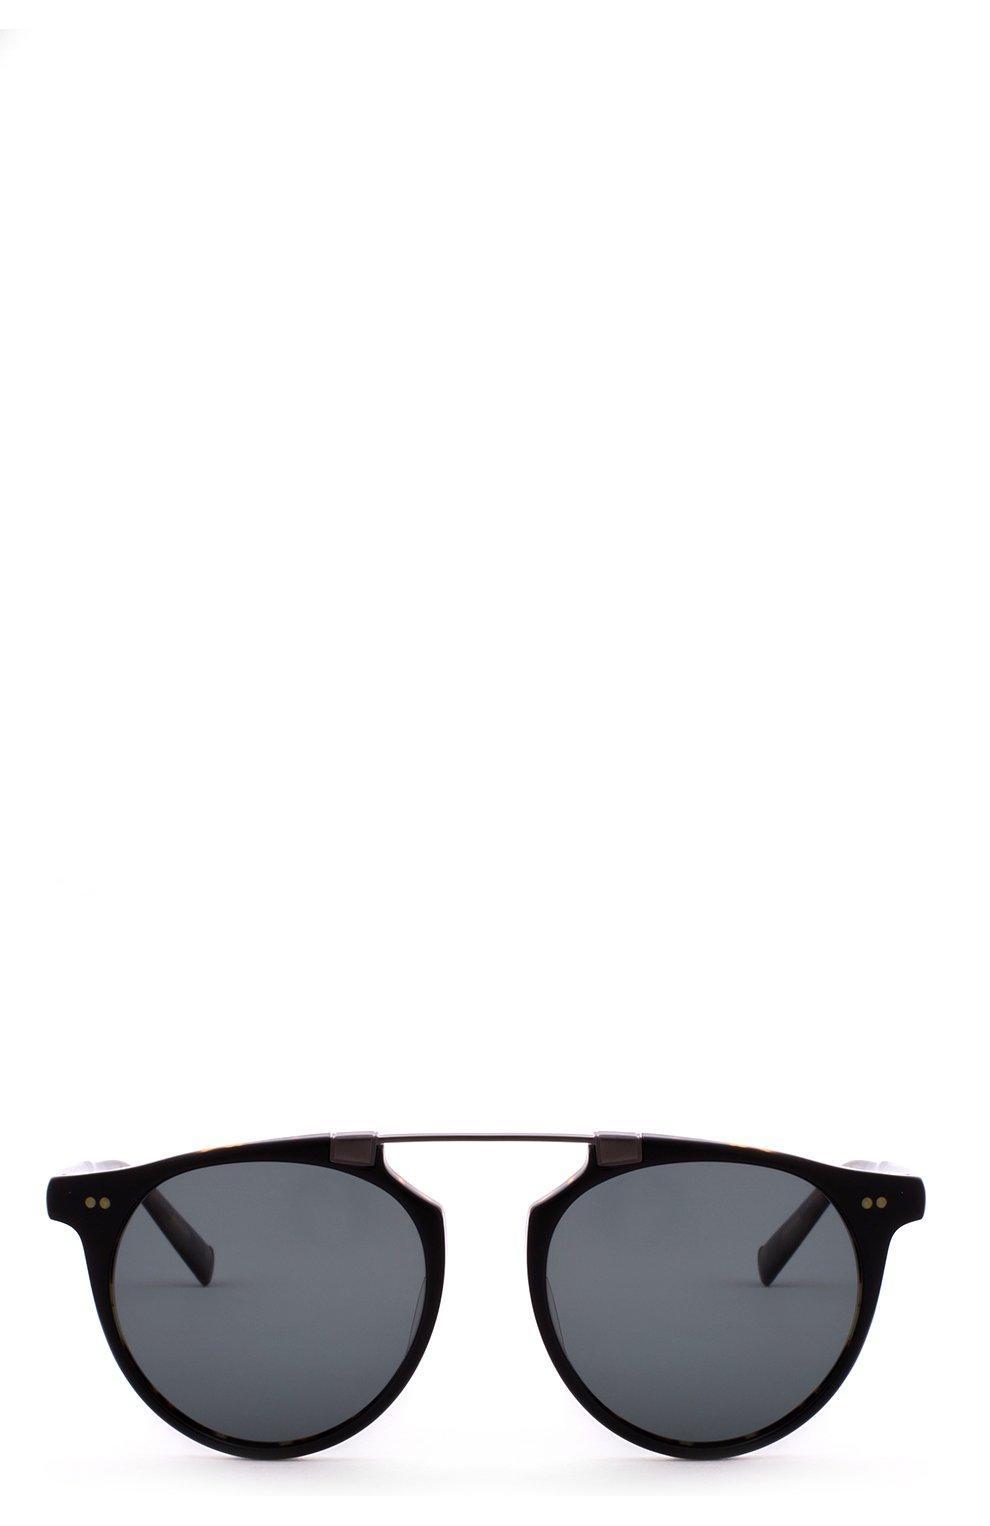 Женские солнцезащитные очки JOHN VARVATOS черного цвета, арт. V602 UF BLK/T0RT   Фото 1